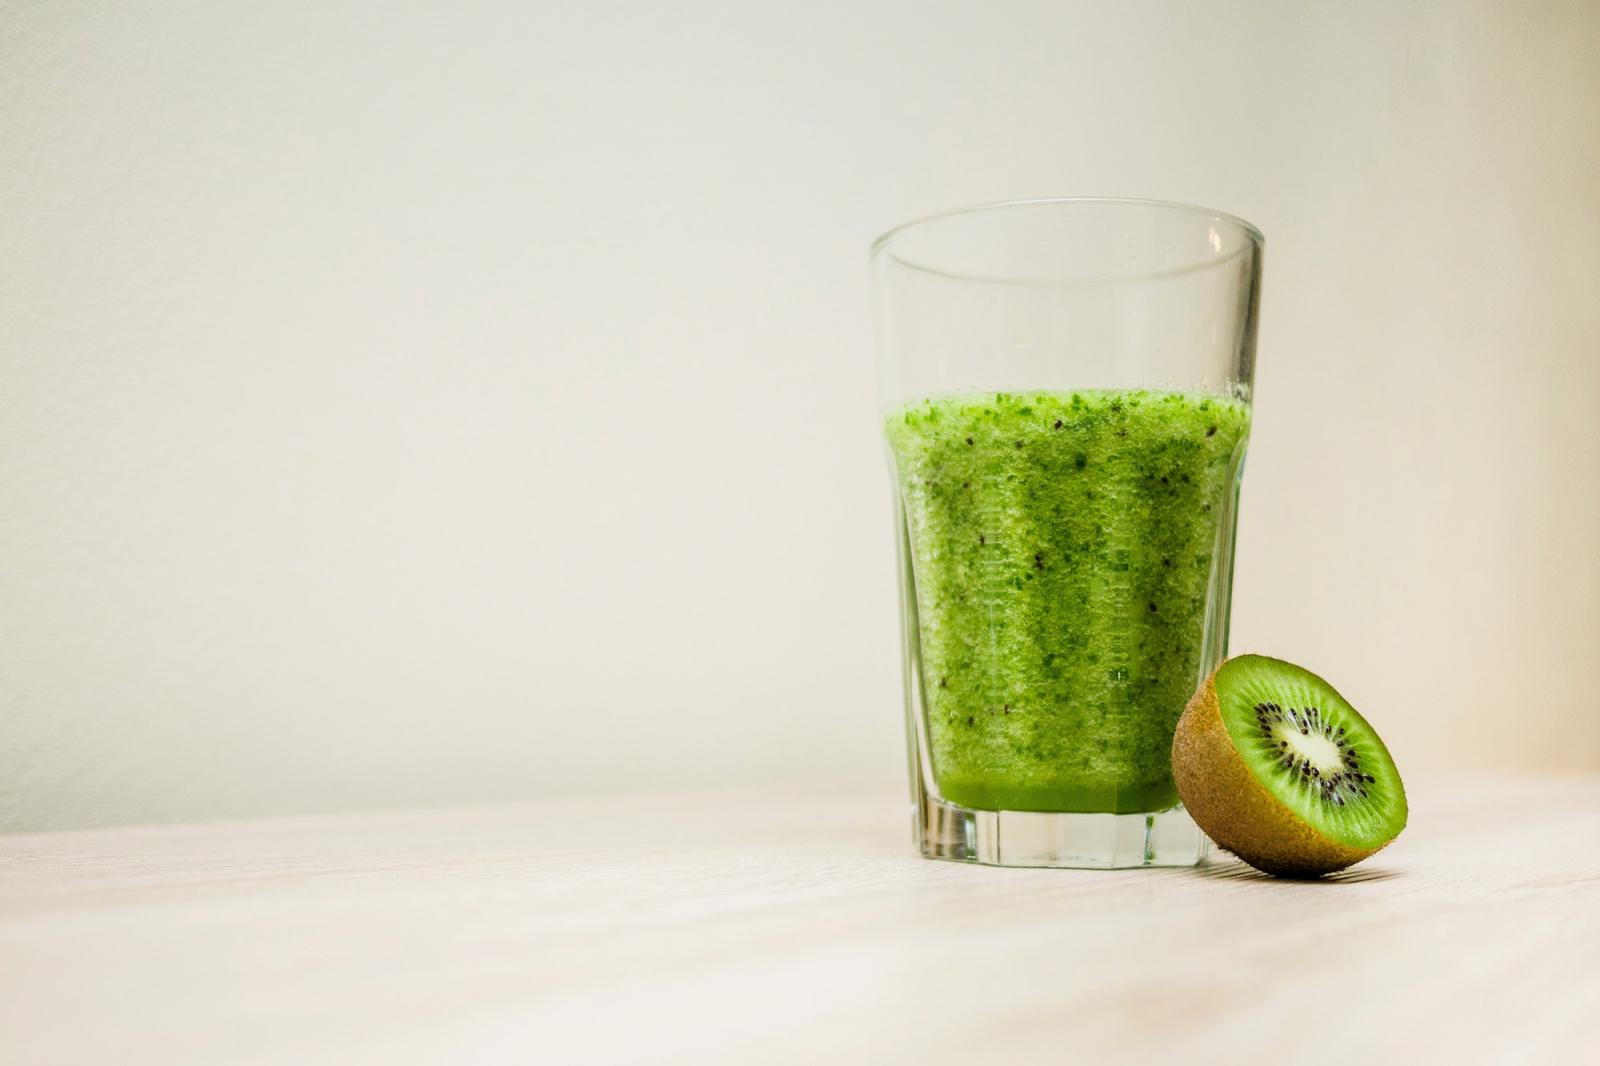 Darphin-Hydrating-Kiwi-Mask-Masque-Hydratant-au-Kiwi-abloomnova.net_-1600x1066 The wonderful skin benefits of the kiwi fruit